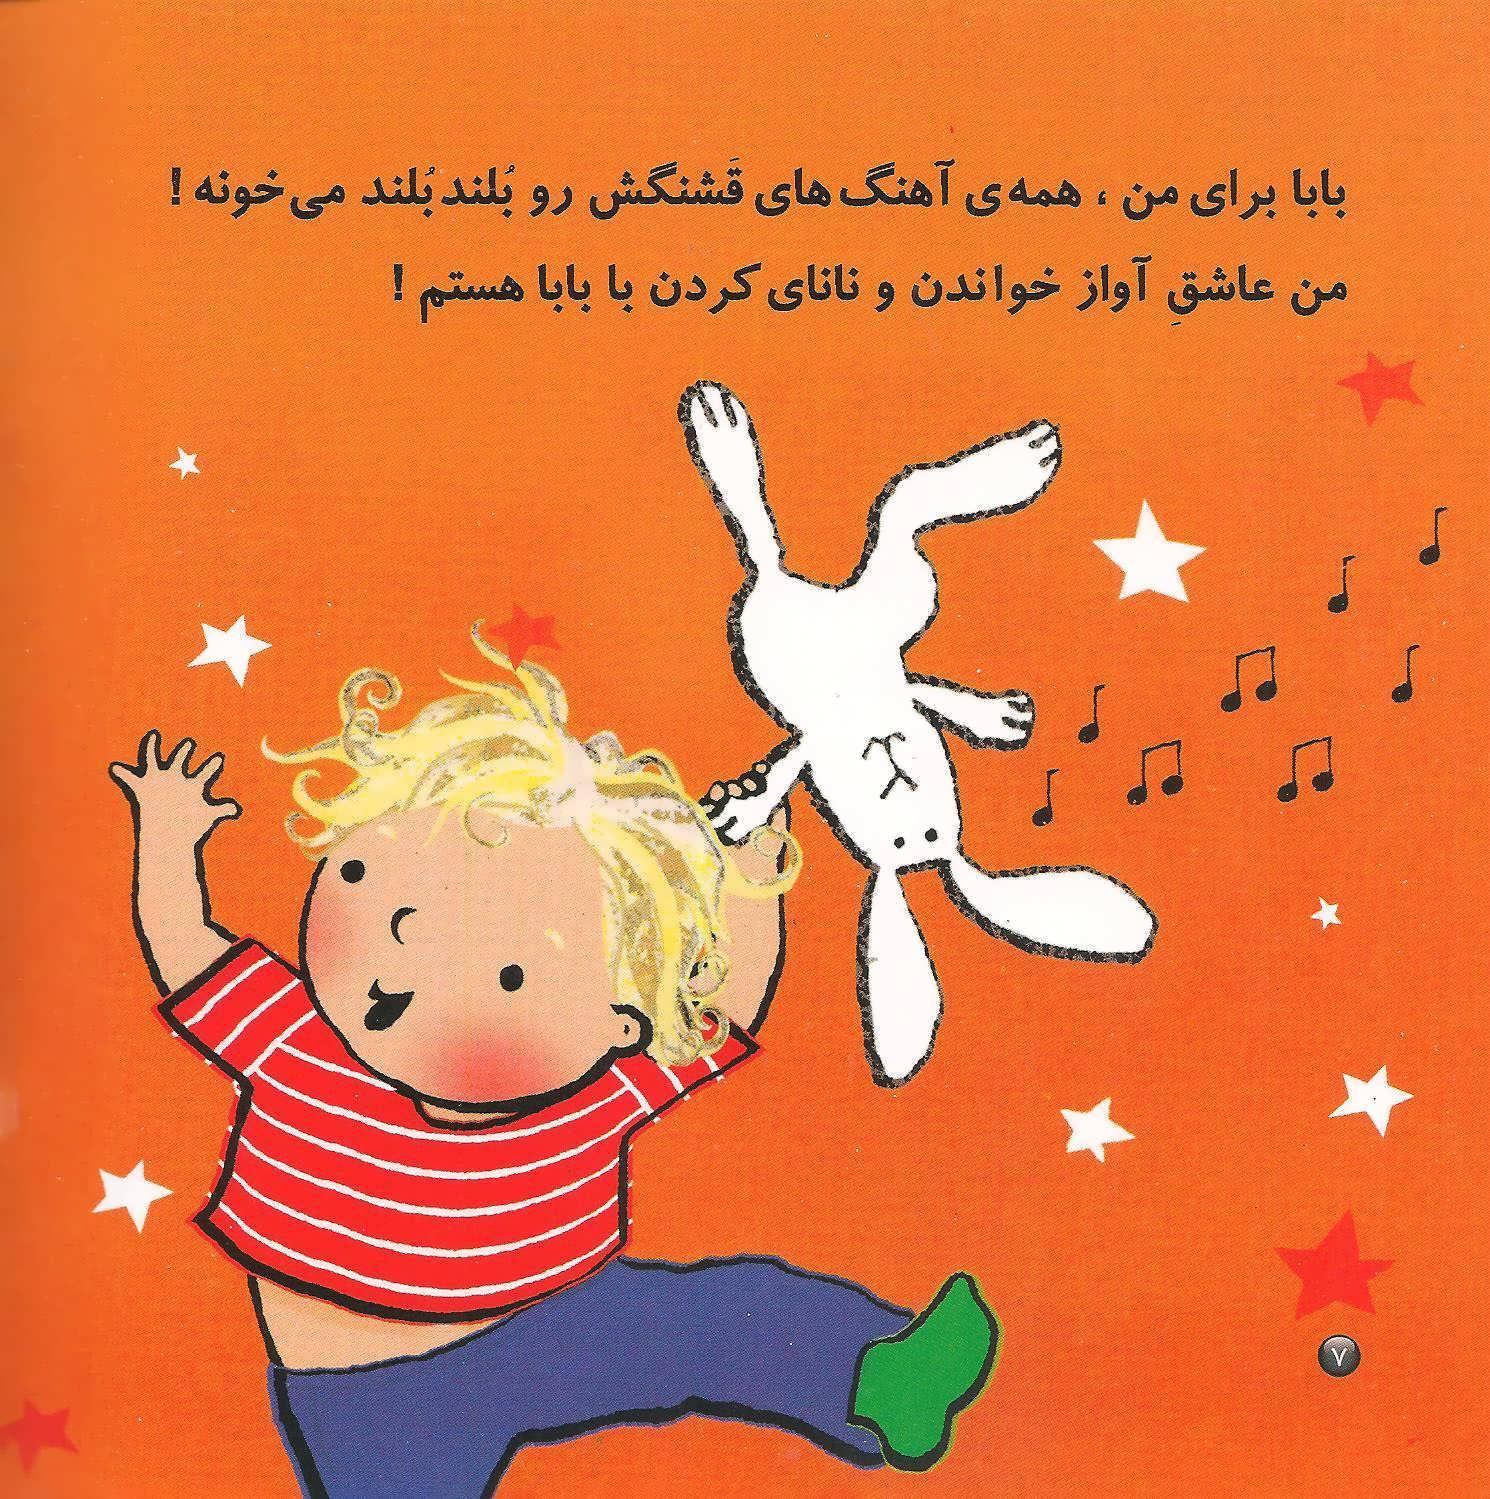 کتاب نی نی بابایی 1 (بابا جون دوستت دارم!)،(گلاسه)